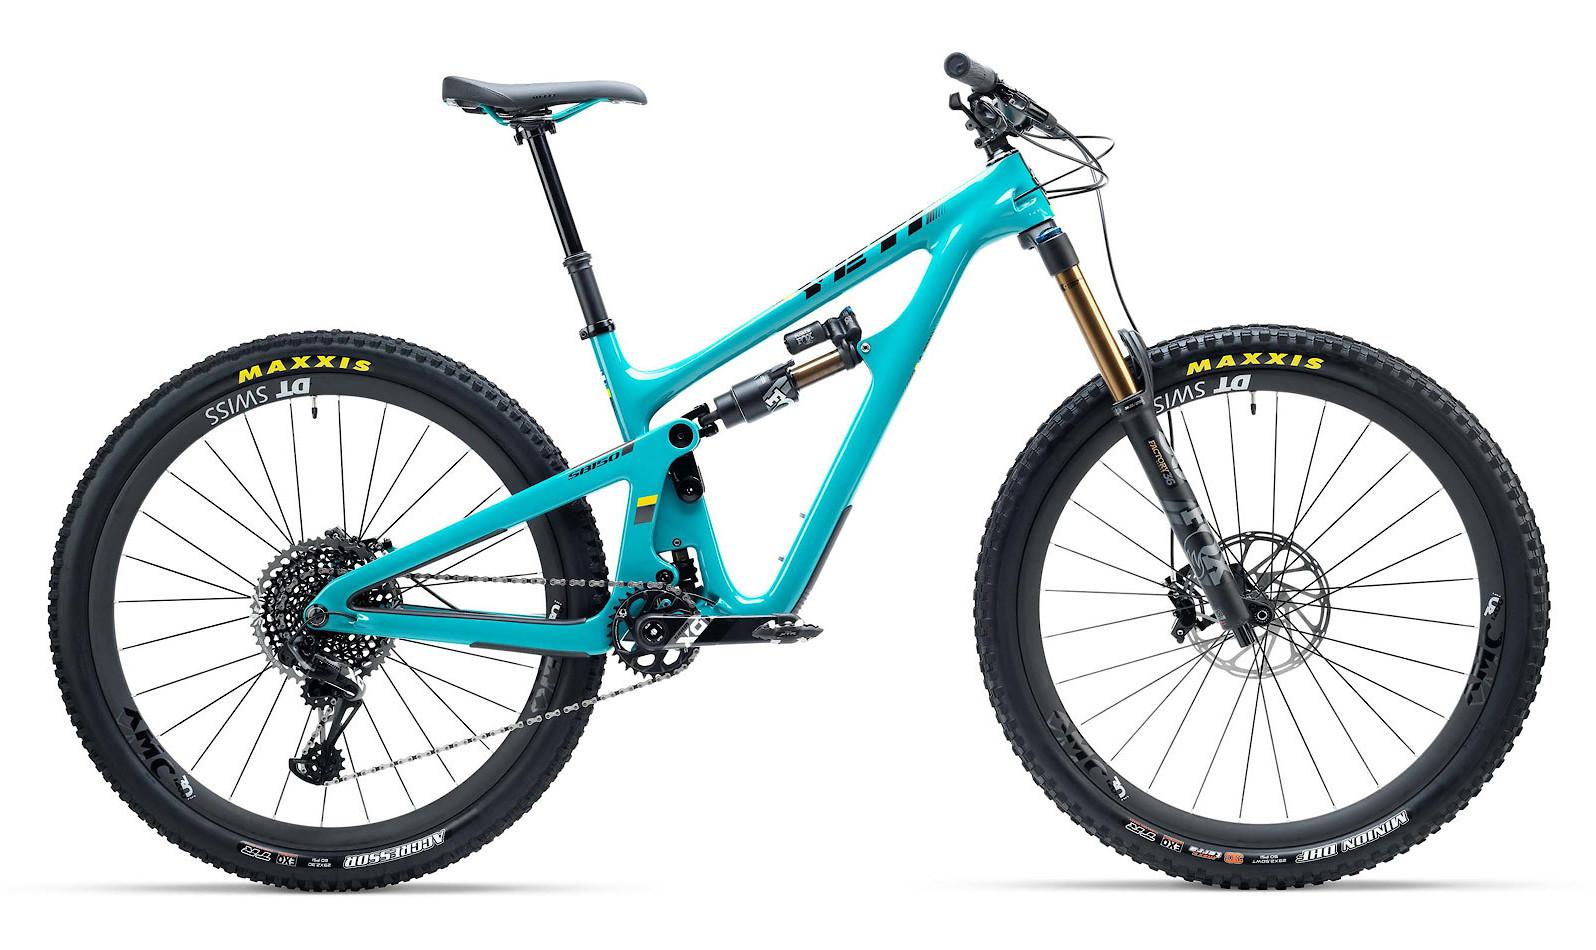 2019 Yeti SB150 Bike - Shown with X01 Race kit